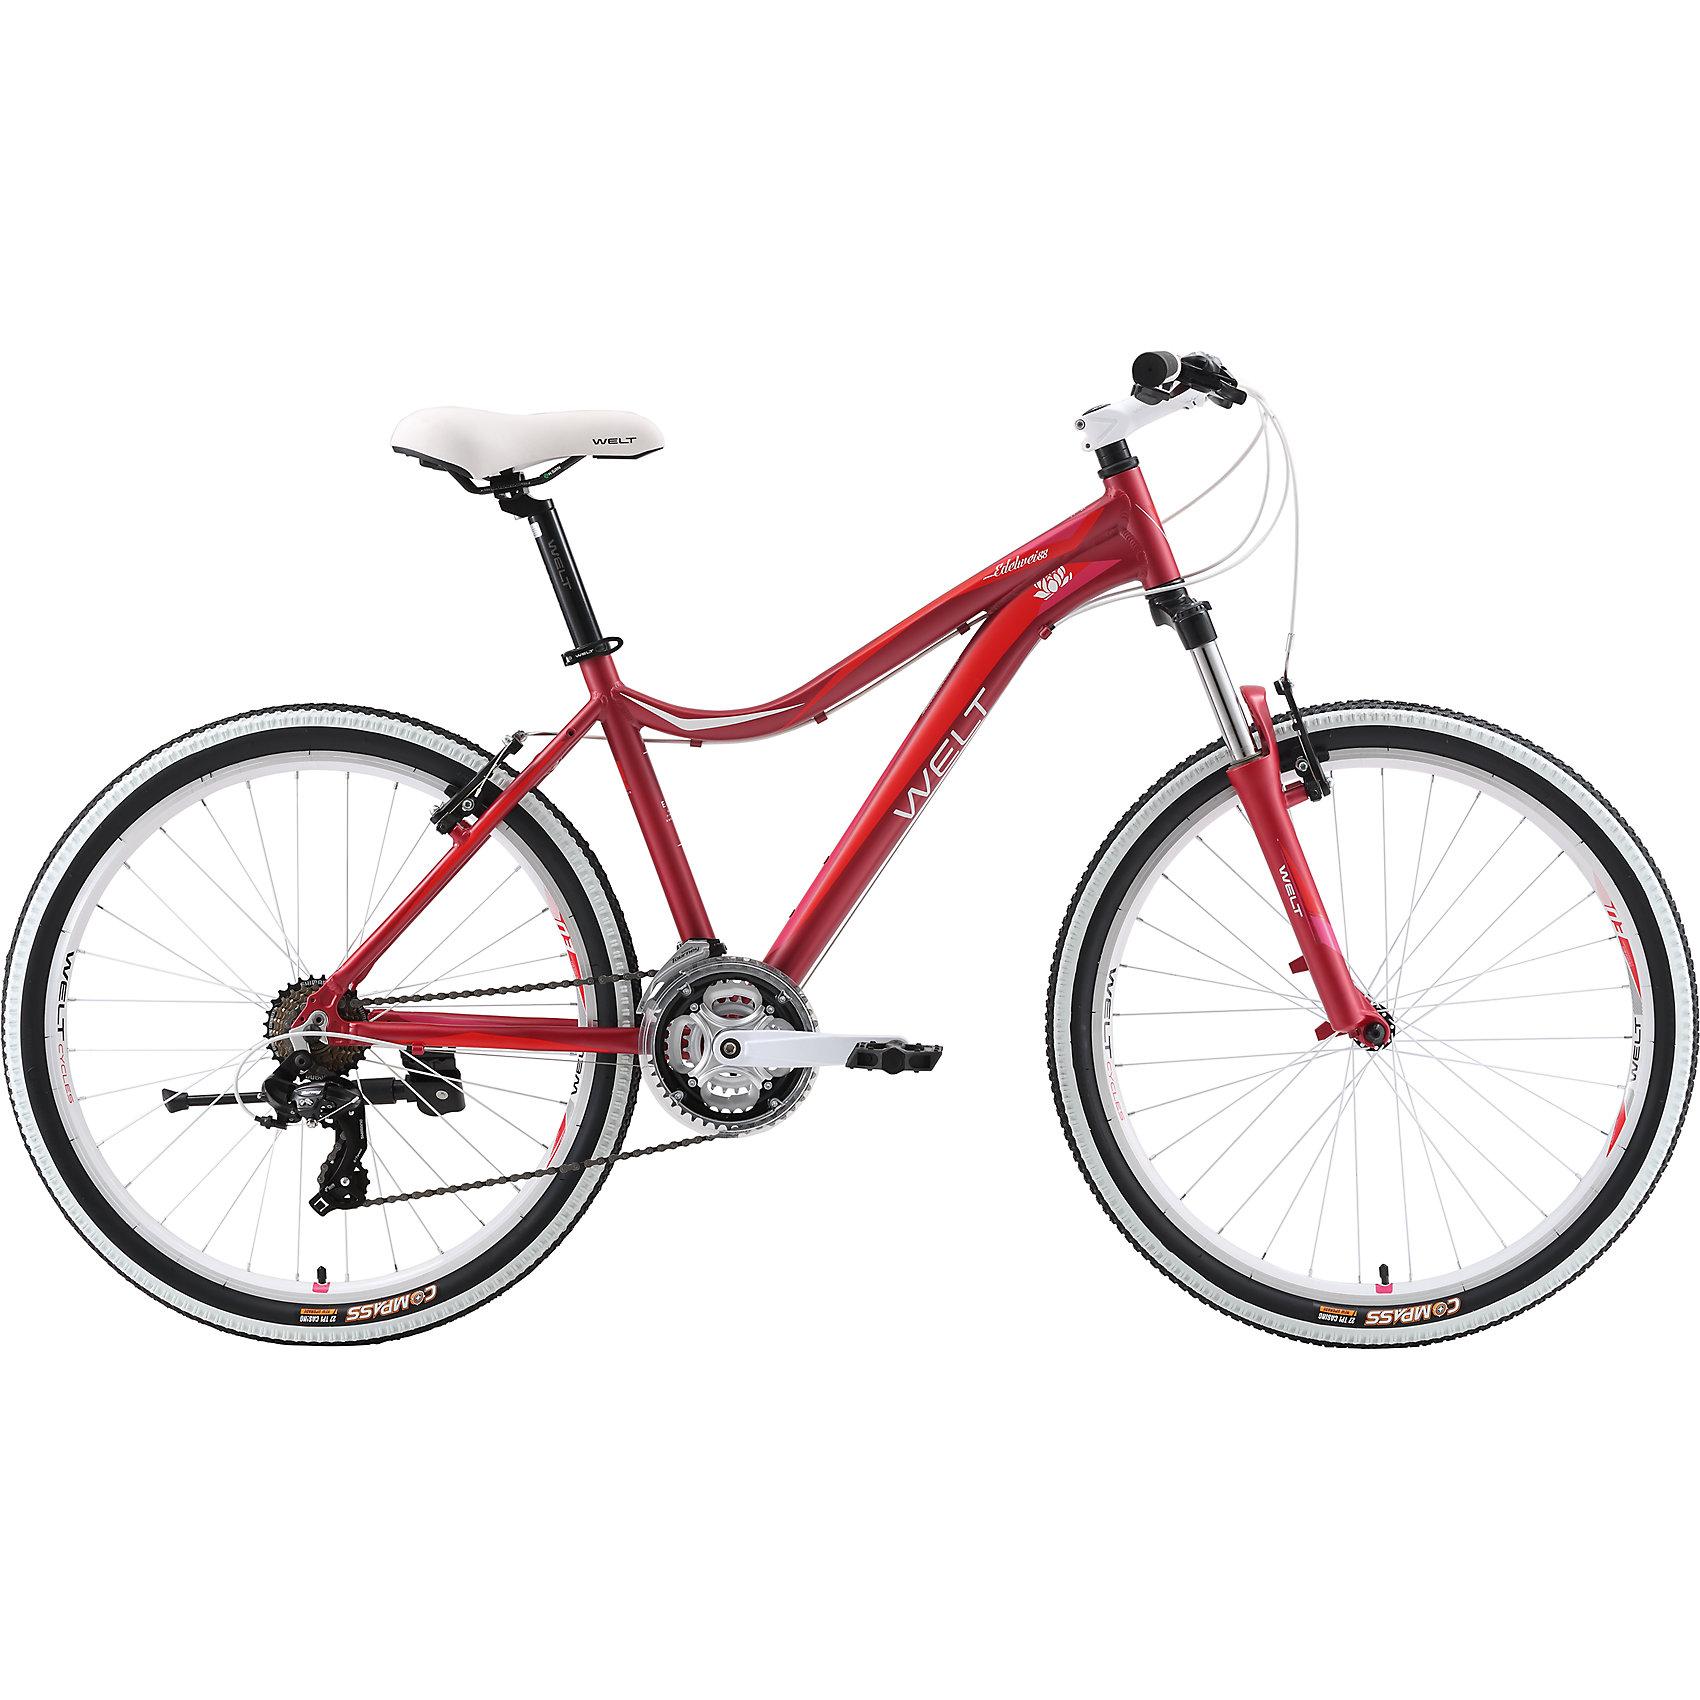 Велосипед  Edelweiss 1.0, 17 дюймов, темно-красный, WeltВелосипеды детские<br>Характеристики товара:<br><br>• цвет: красный<br>• рама: Alloy 6061 <br>• размер рамы: 16,20<br>• диаметр колес: 26<br>• кол-во скоростей: 21<br>• тип вилки: амортизационная<br>• вилка: WELT MRK MLO 100mm<br>• переключатель задний : Shimano TY-300<br>• переключатель передний: Shimano TZ-30<br>• шифтеры: Shimano EF-51<br>• тип тормозов: дисковые механические<br>• тормоза: JAK-5<br>• система:  steel 42/34/24 <br>• кассета: Shimano HG20 12-28T<br>• тип рулевой колонки:  1-1/8 безрезьбовая<br>• покрышки: Compass 26 x 2,1 <br>• страна бренда: Германия <br><br>Велосипед  Edelweiss 1.0 D -это модель, которая создана  для кросс-кантри. Большие колеса, мягкая амортизация позволят преодолеть путь, проходящий по загородному бездорожью. <br><br>Велосипед  Edelweiss 1.0 D, 17 дюймов, красный, Welt можно купить в нашем интернет-магазине.<br><br>Ширина мм: 1450<br>Глубина мм: 200<br>Высота мм: 800<br>Вес г: 16500<br>Возраст от месяцев: 168<br>Возраст до месяцев: 2147483647<br>Пол: Женский<br>Возраст: Детский<br>SKU: 5569416